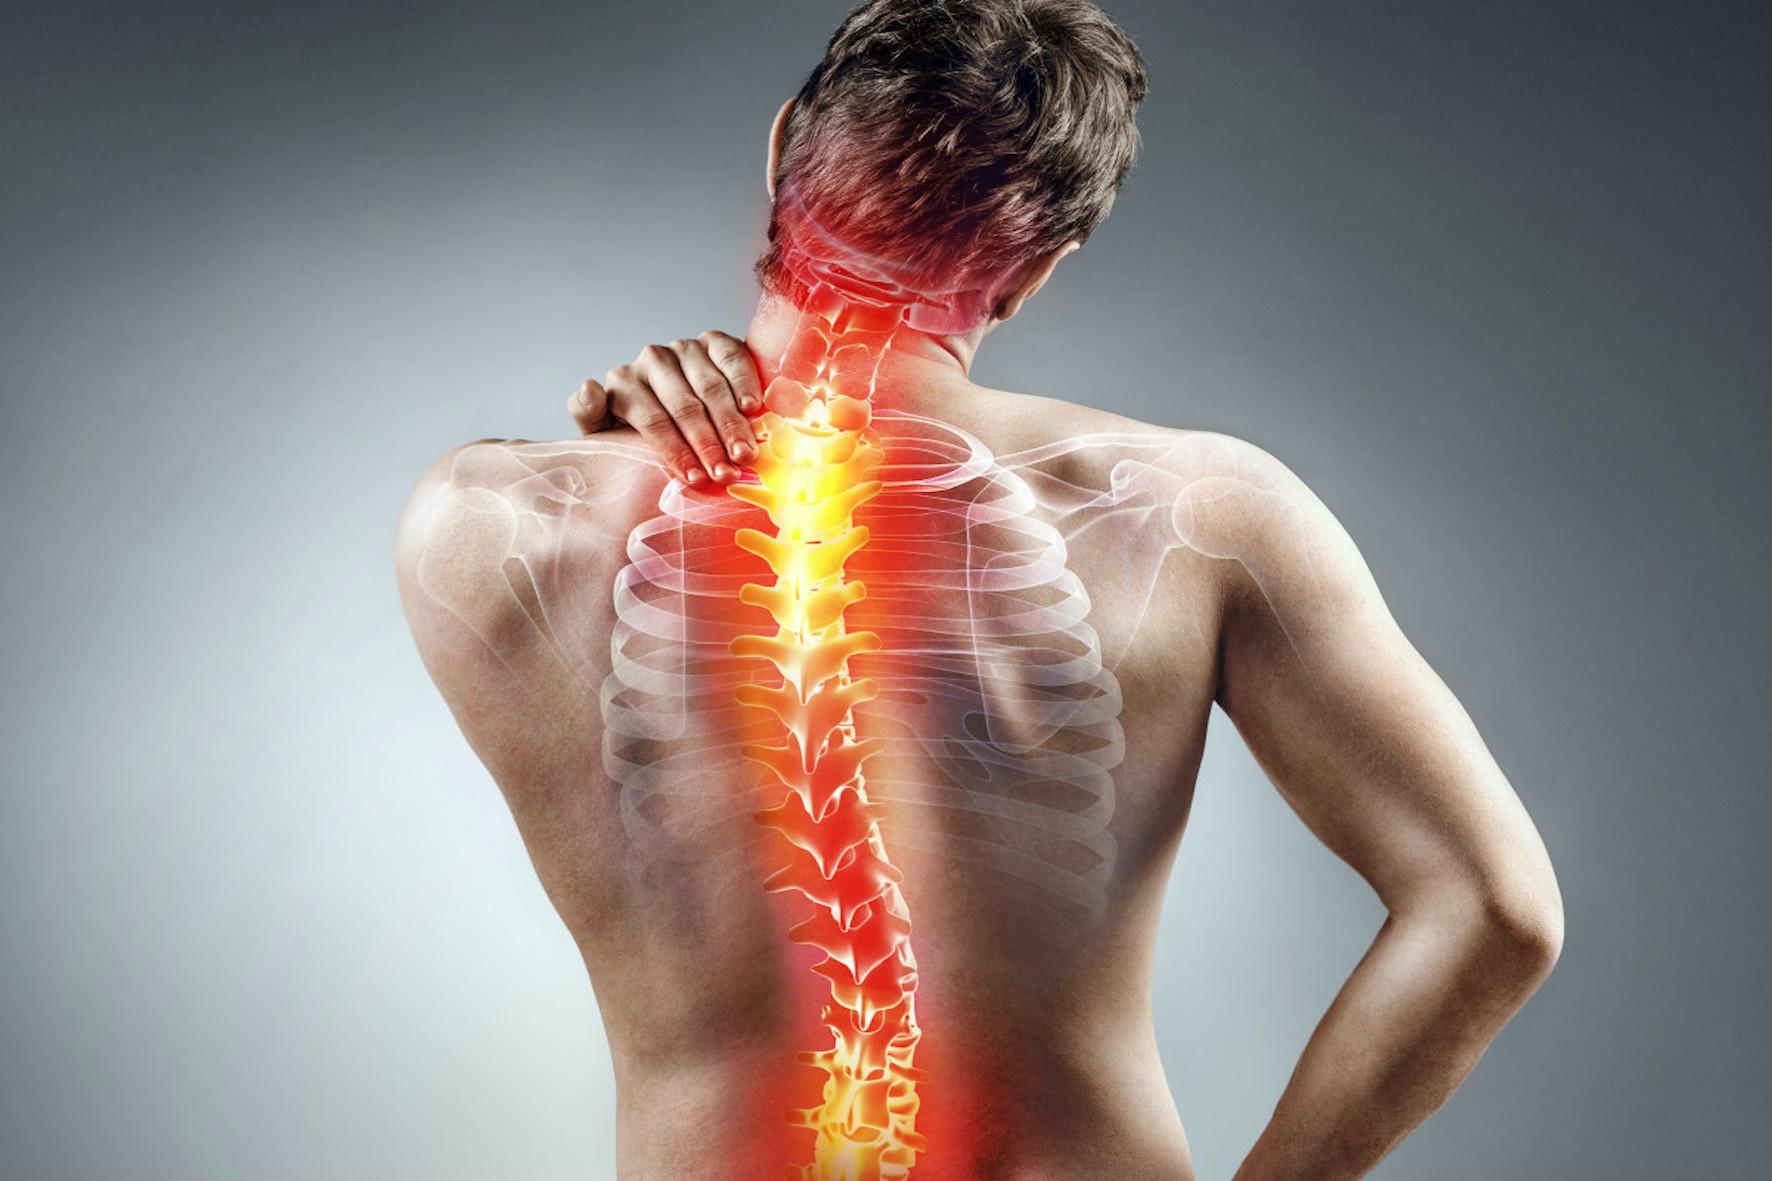 Ginnastica Posturale Attività di prevenzione per mail di schiena, dolore cervicale, lombare e delle articolazioni